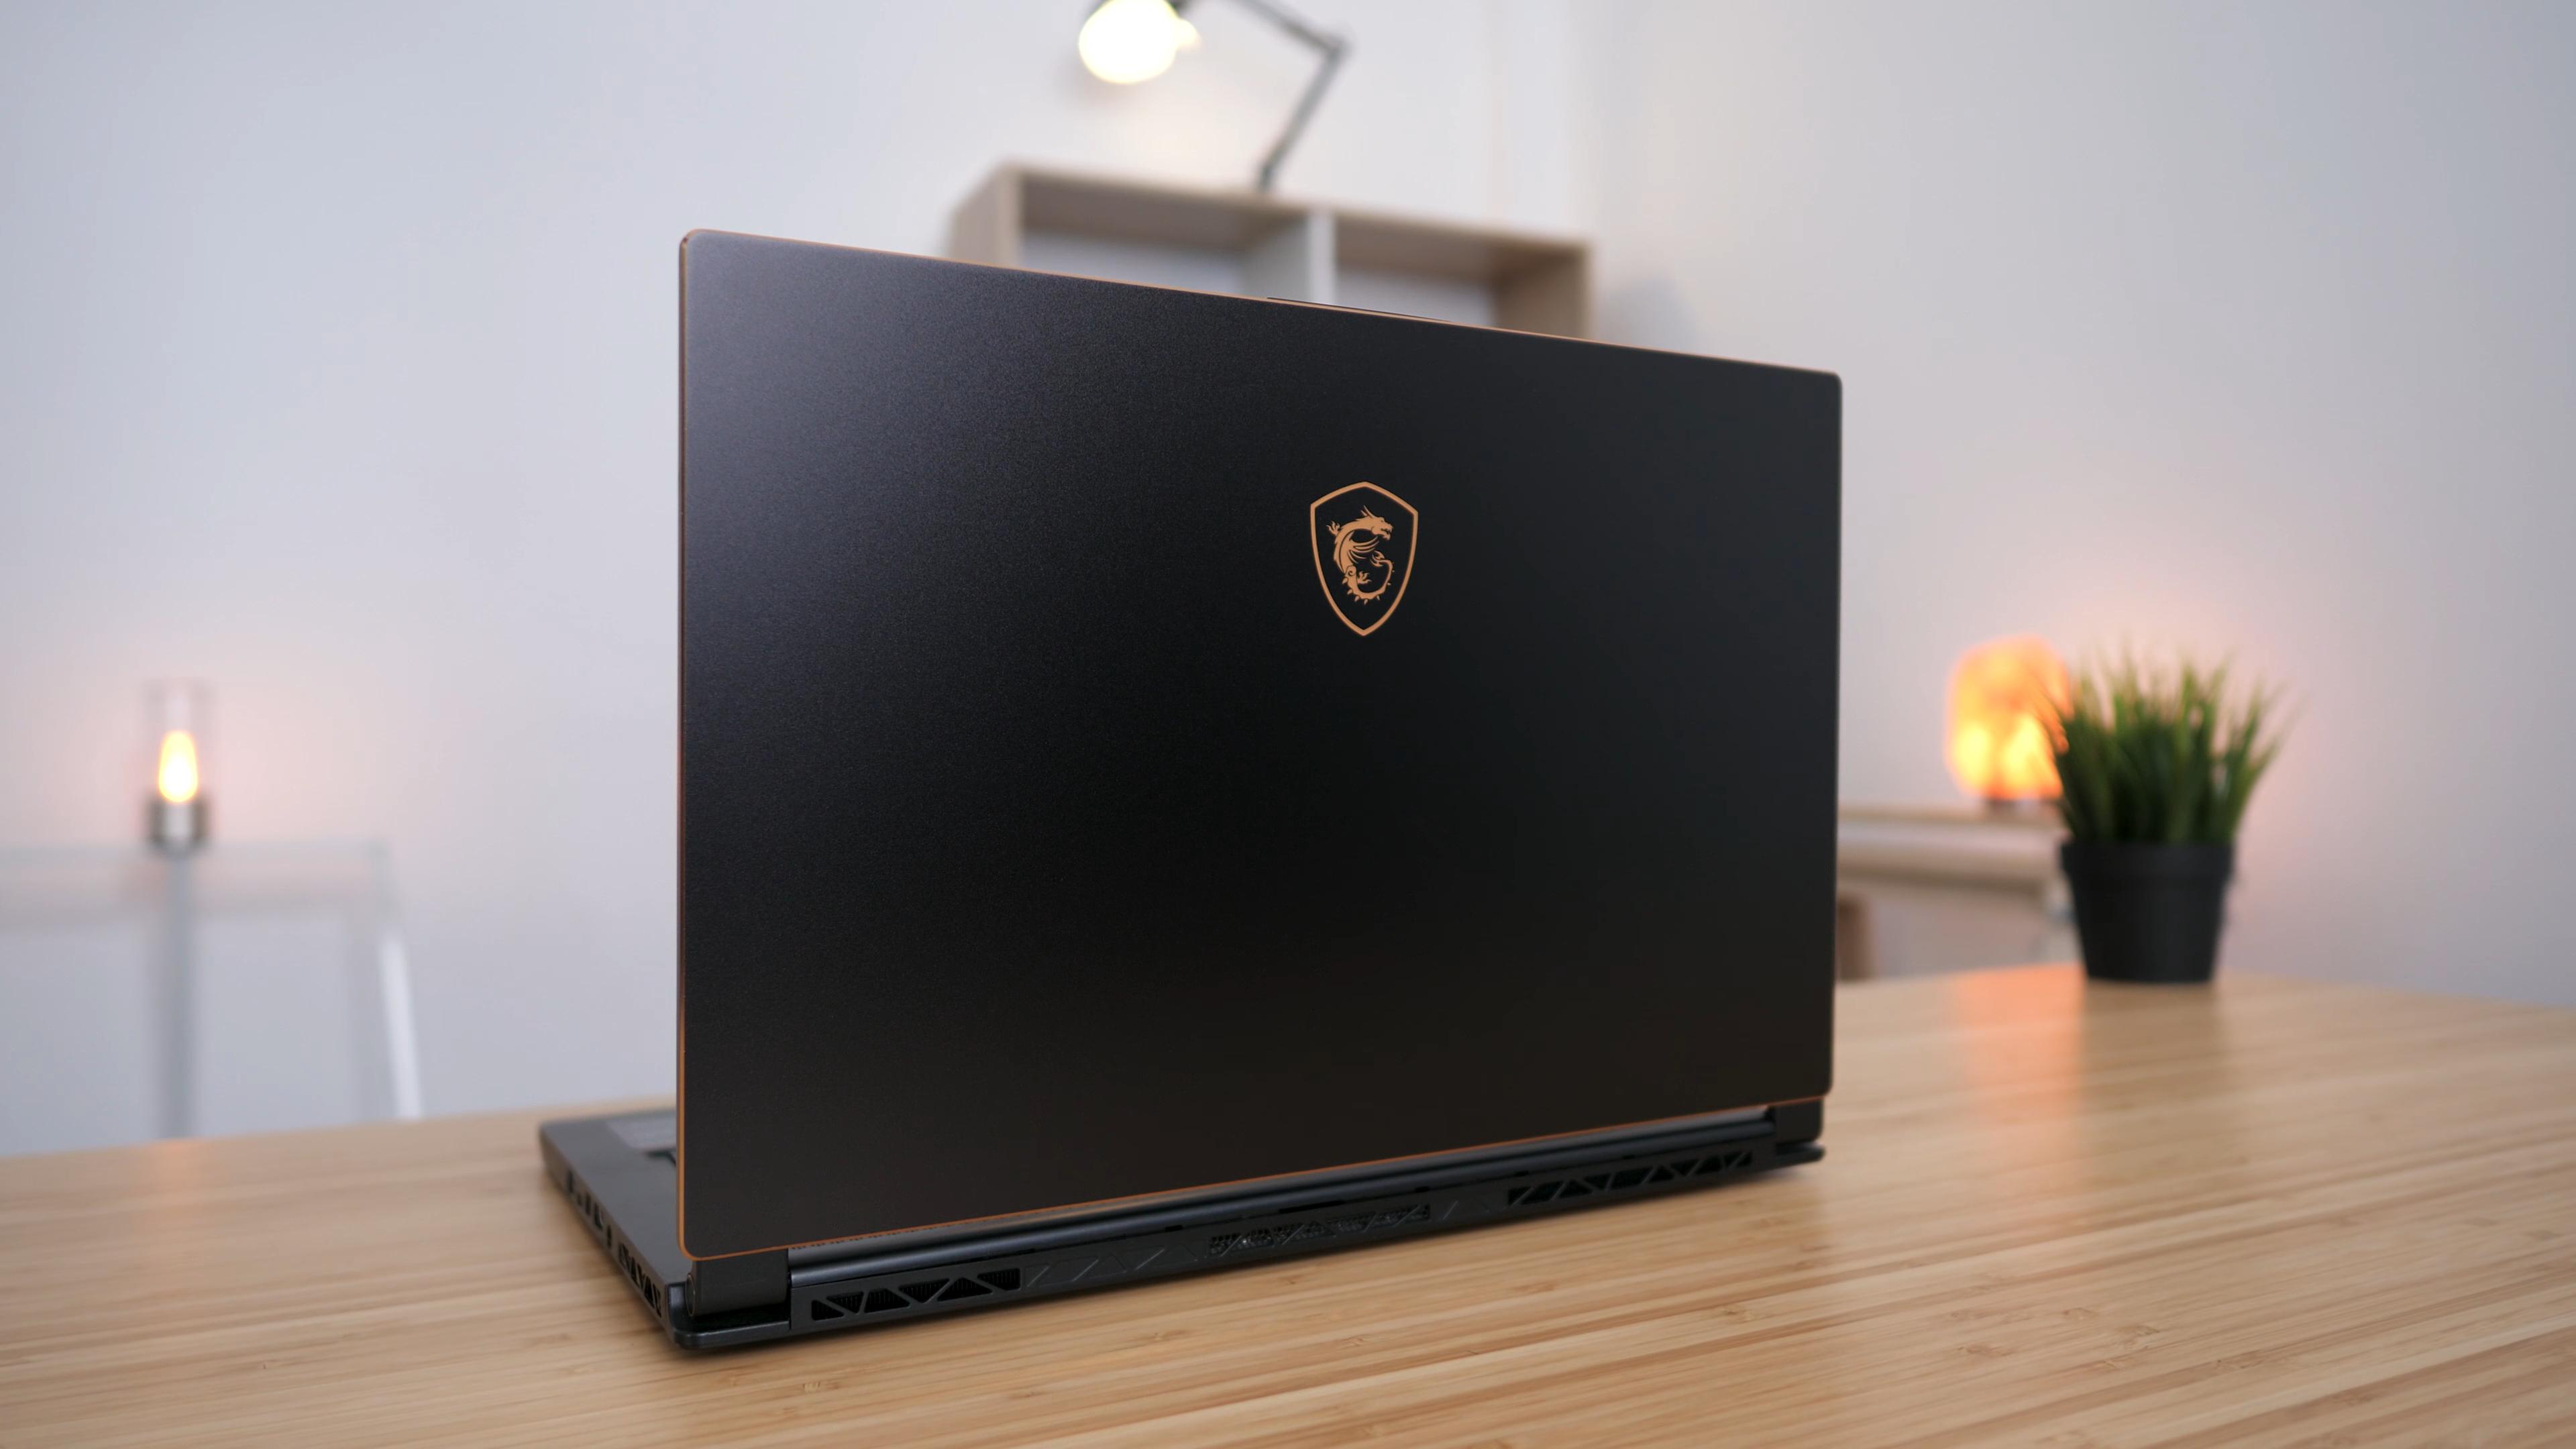 Вид ноутбука в рабочем положении